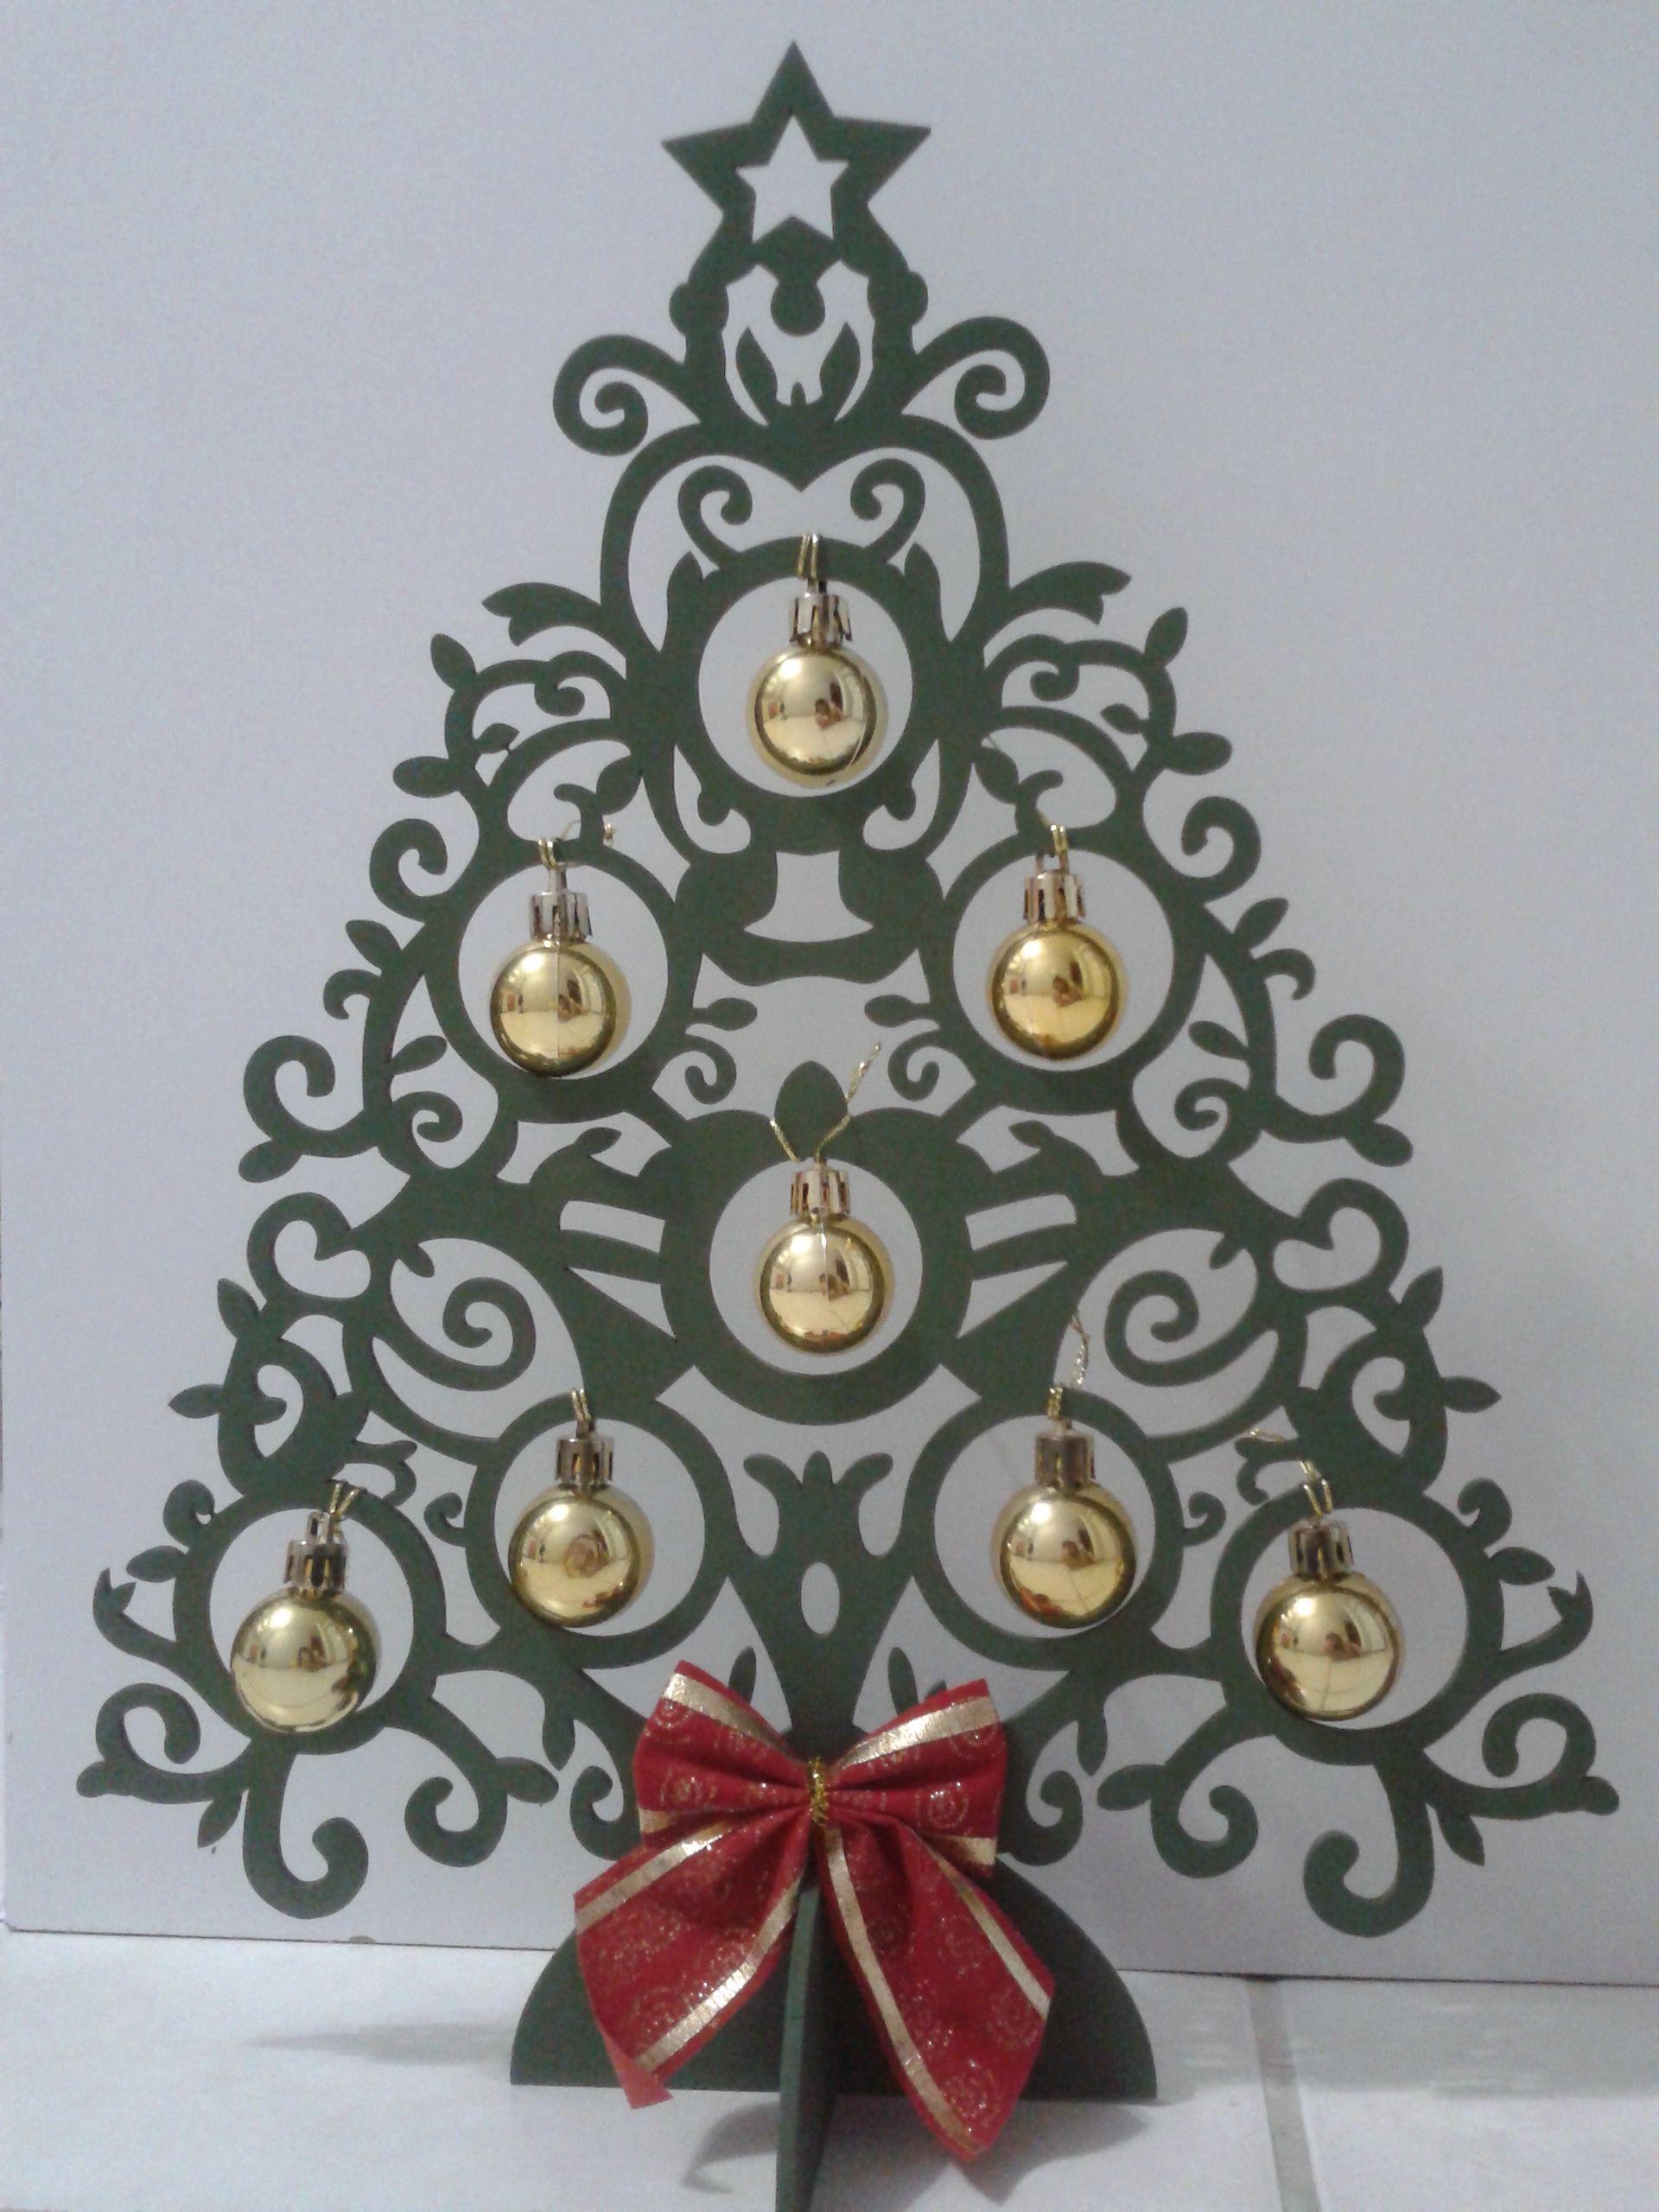 árvore De Natal Em Mdf Pintada E Decorada Para O Natal Feito Em